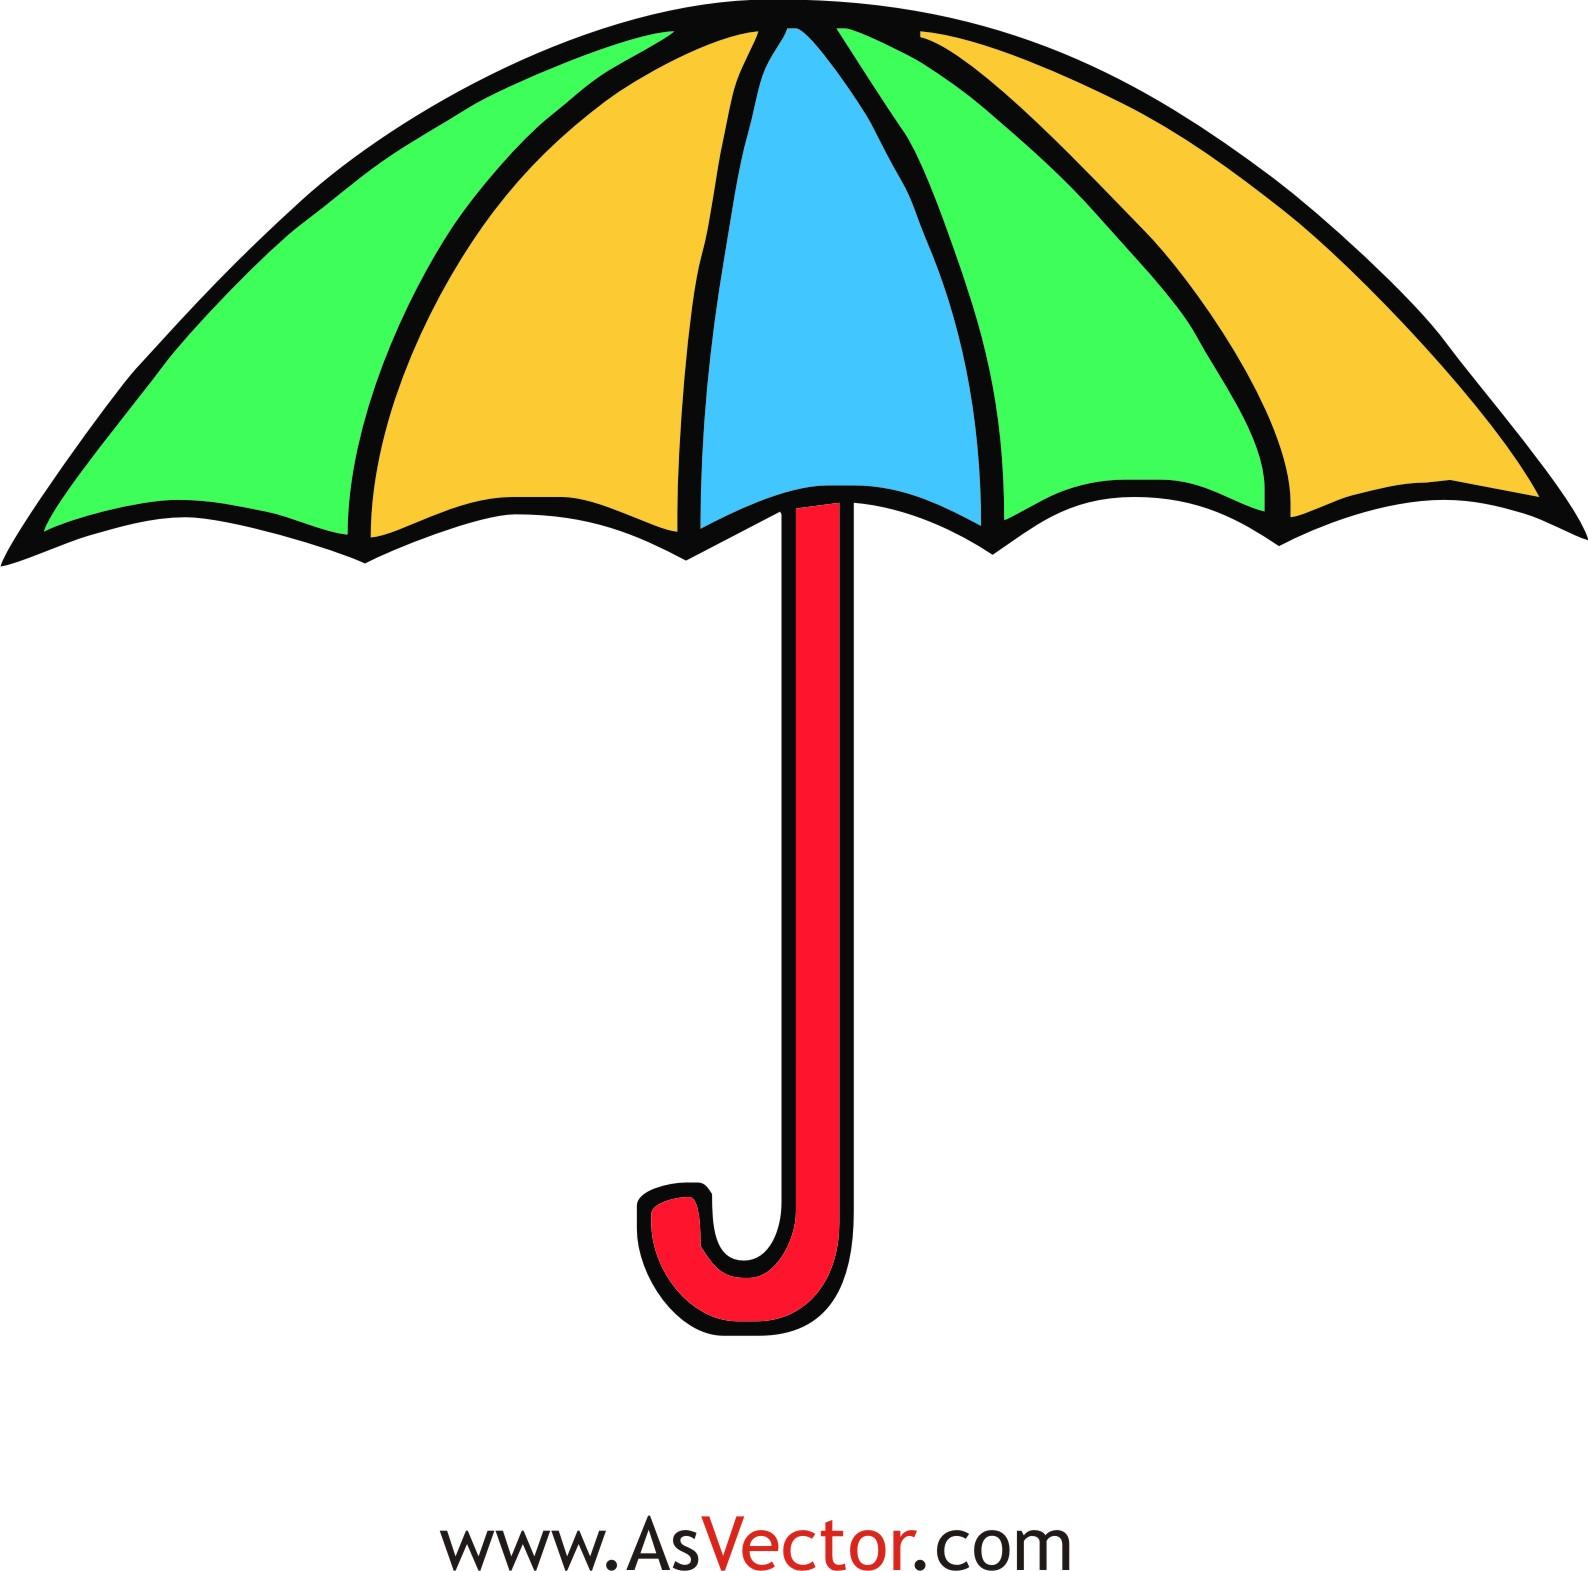 Beach Umbrella Clipart - ClipArt Best